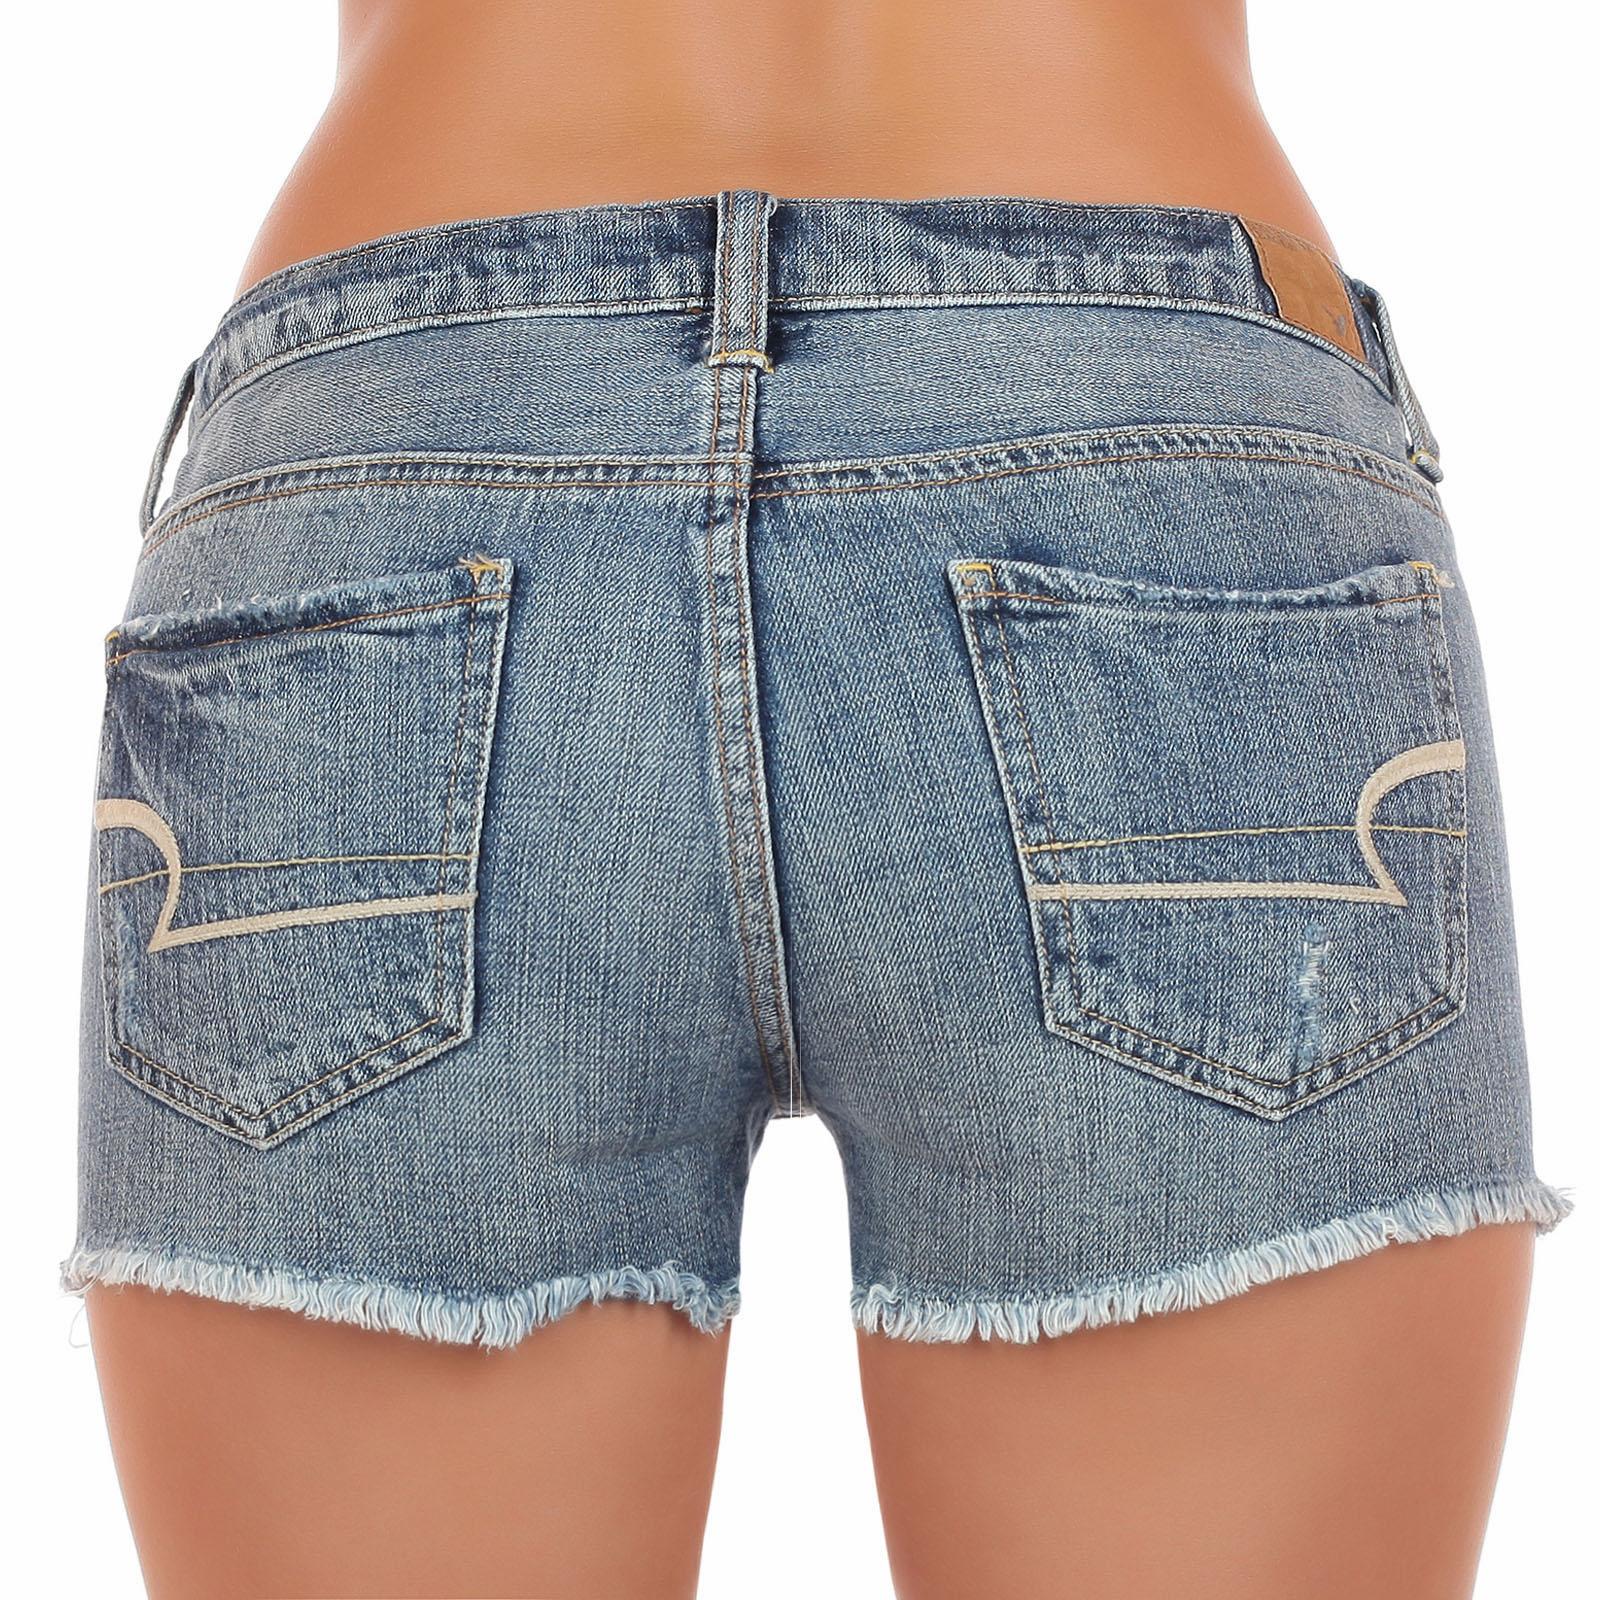 Потёртые джинсовые шорты American Eagle. Фасон, который КРУЖИТ парней и нервирует твоих подруг